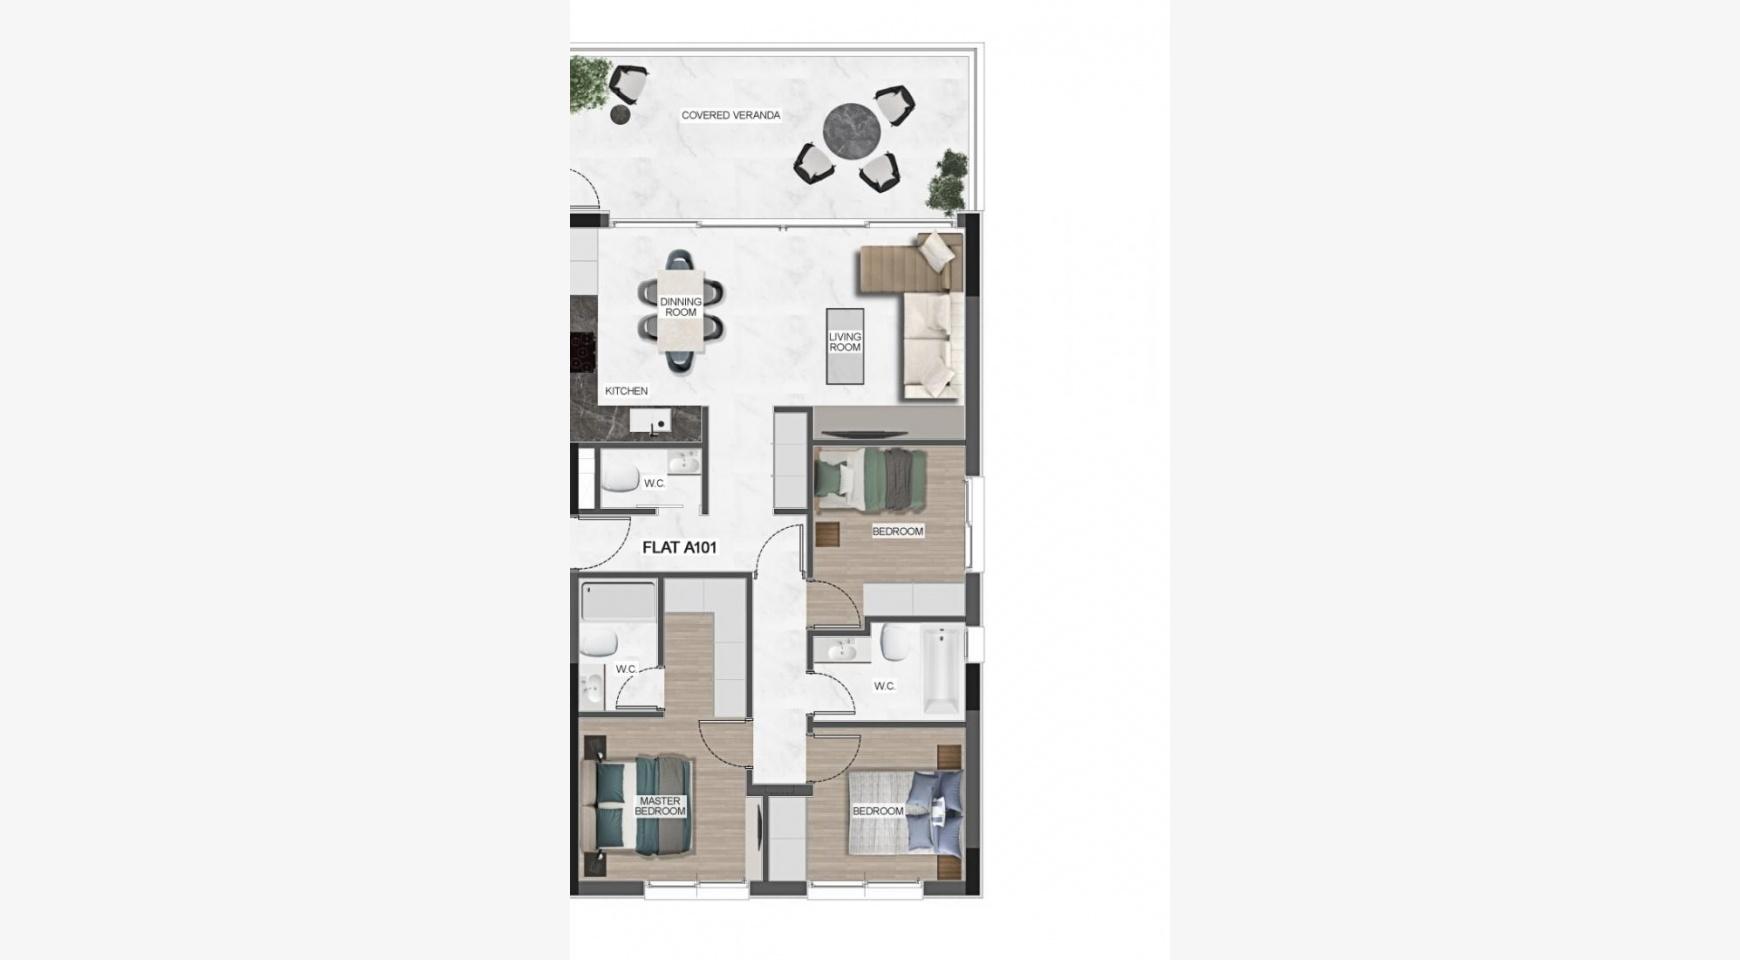 Urban City Residences, Кв. B 101. 3-Спальная Квартира в Новом Комплексе в Центре Города - 42